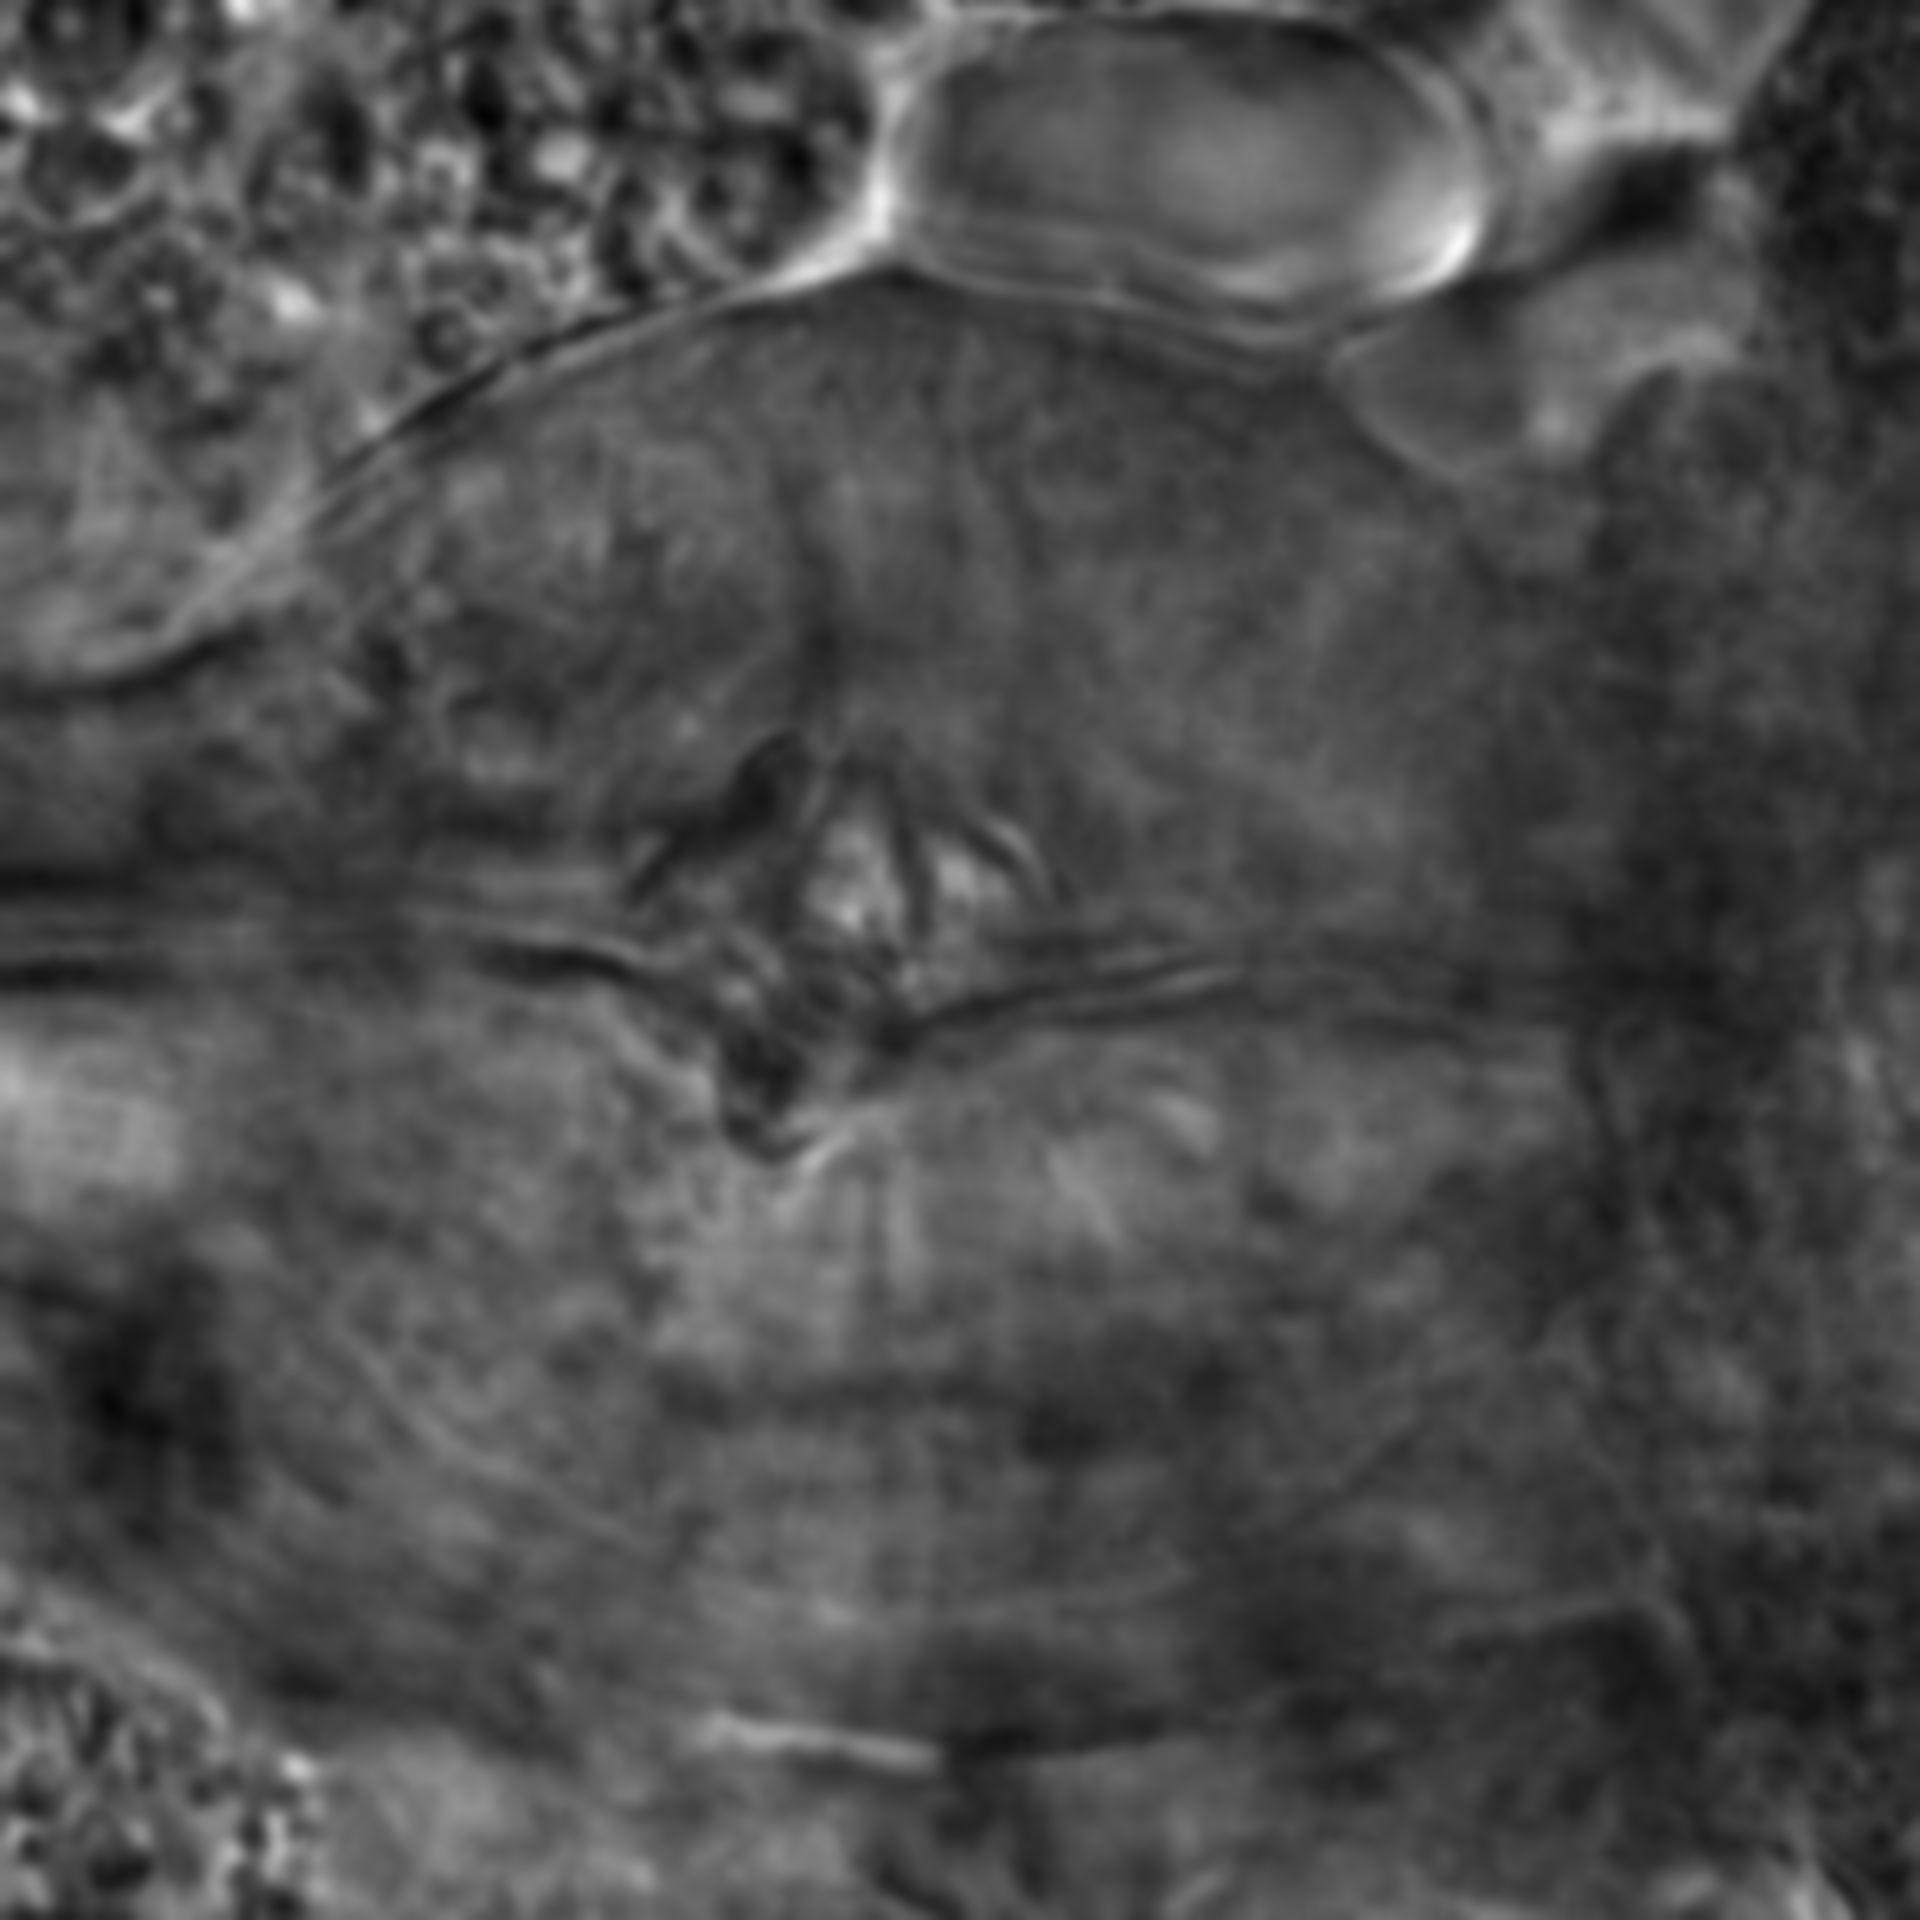 Caenorhabditis elegans - CIL:1966